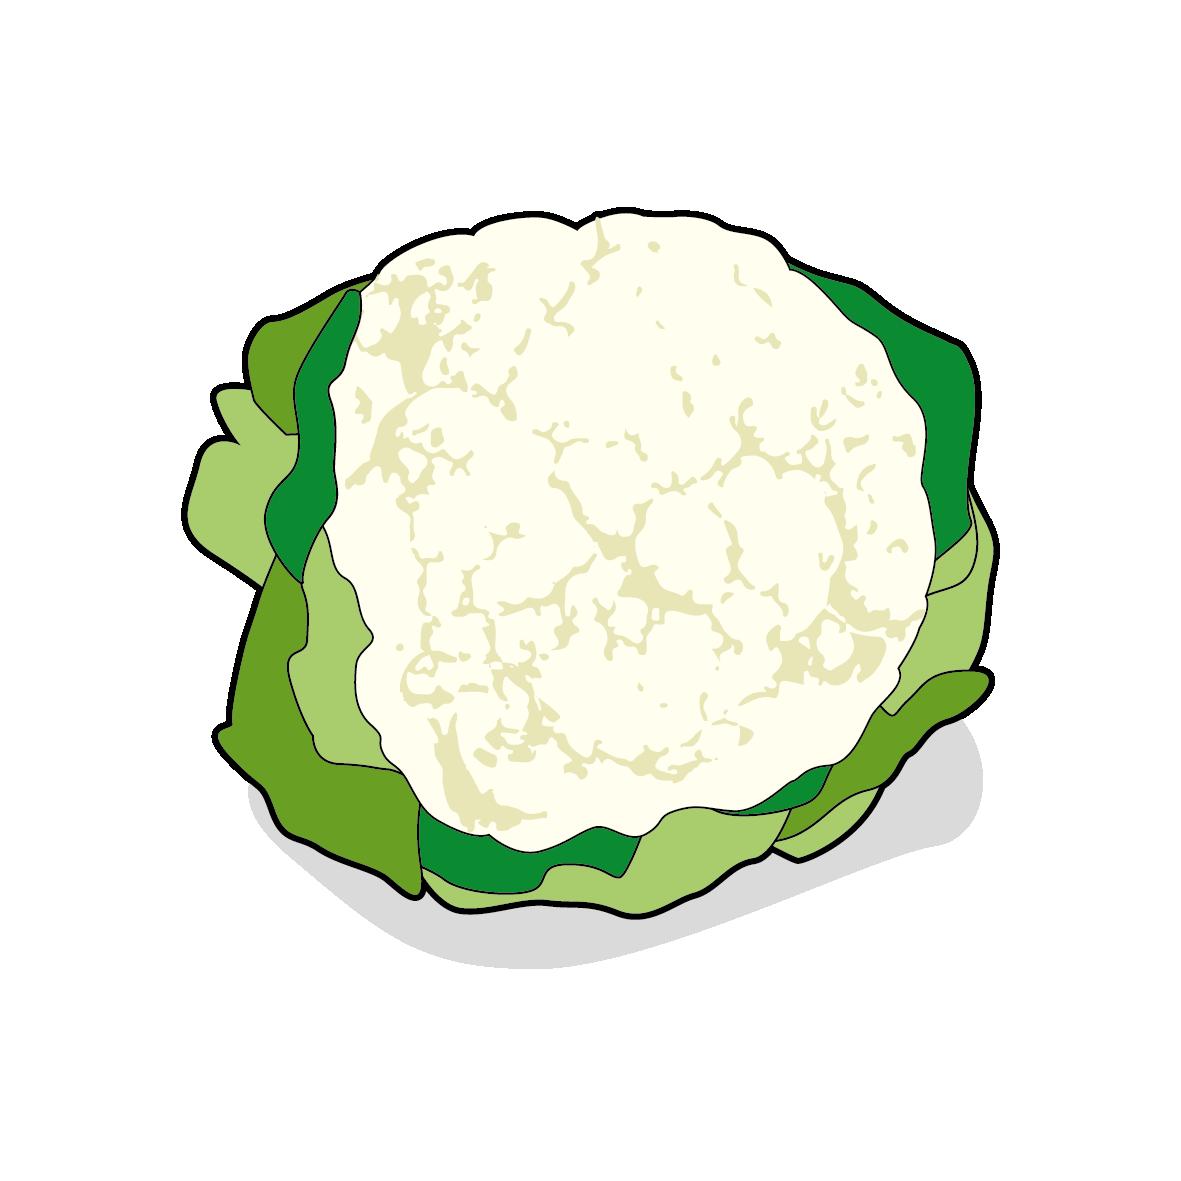 Icone d'un chou-fleur, ailmacocotte.com